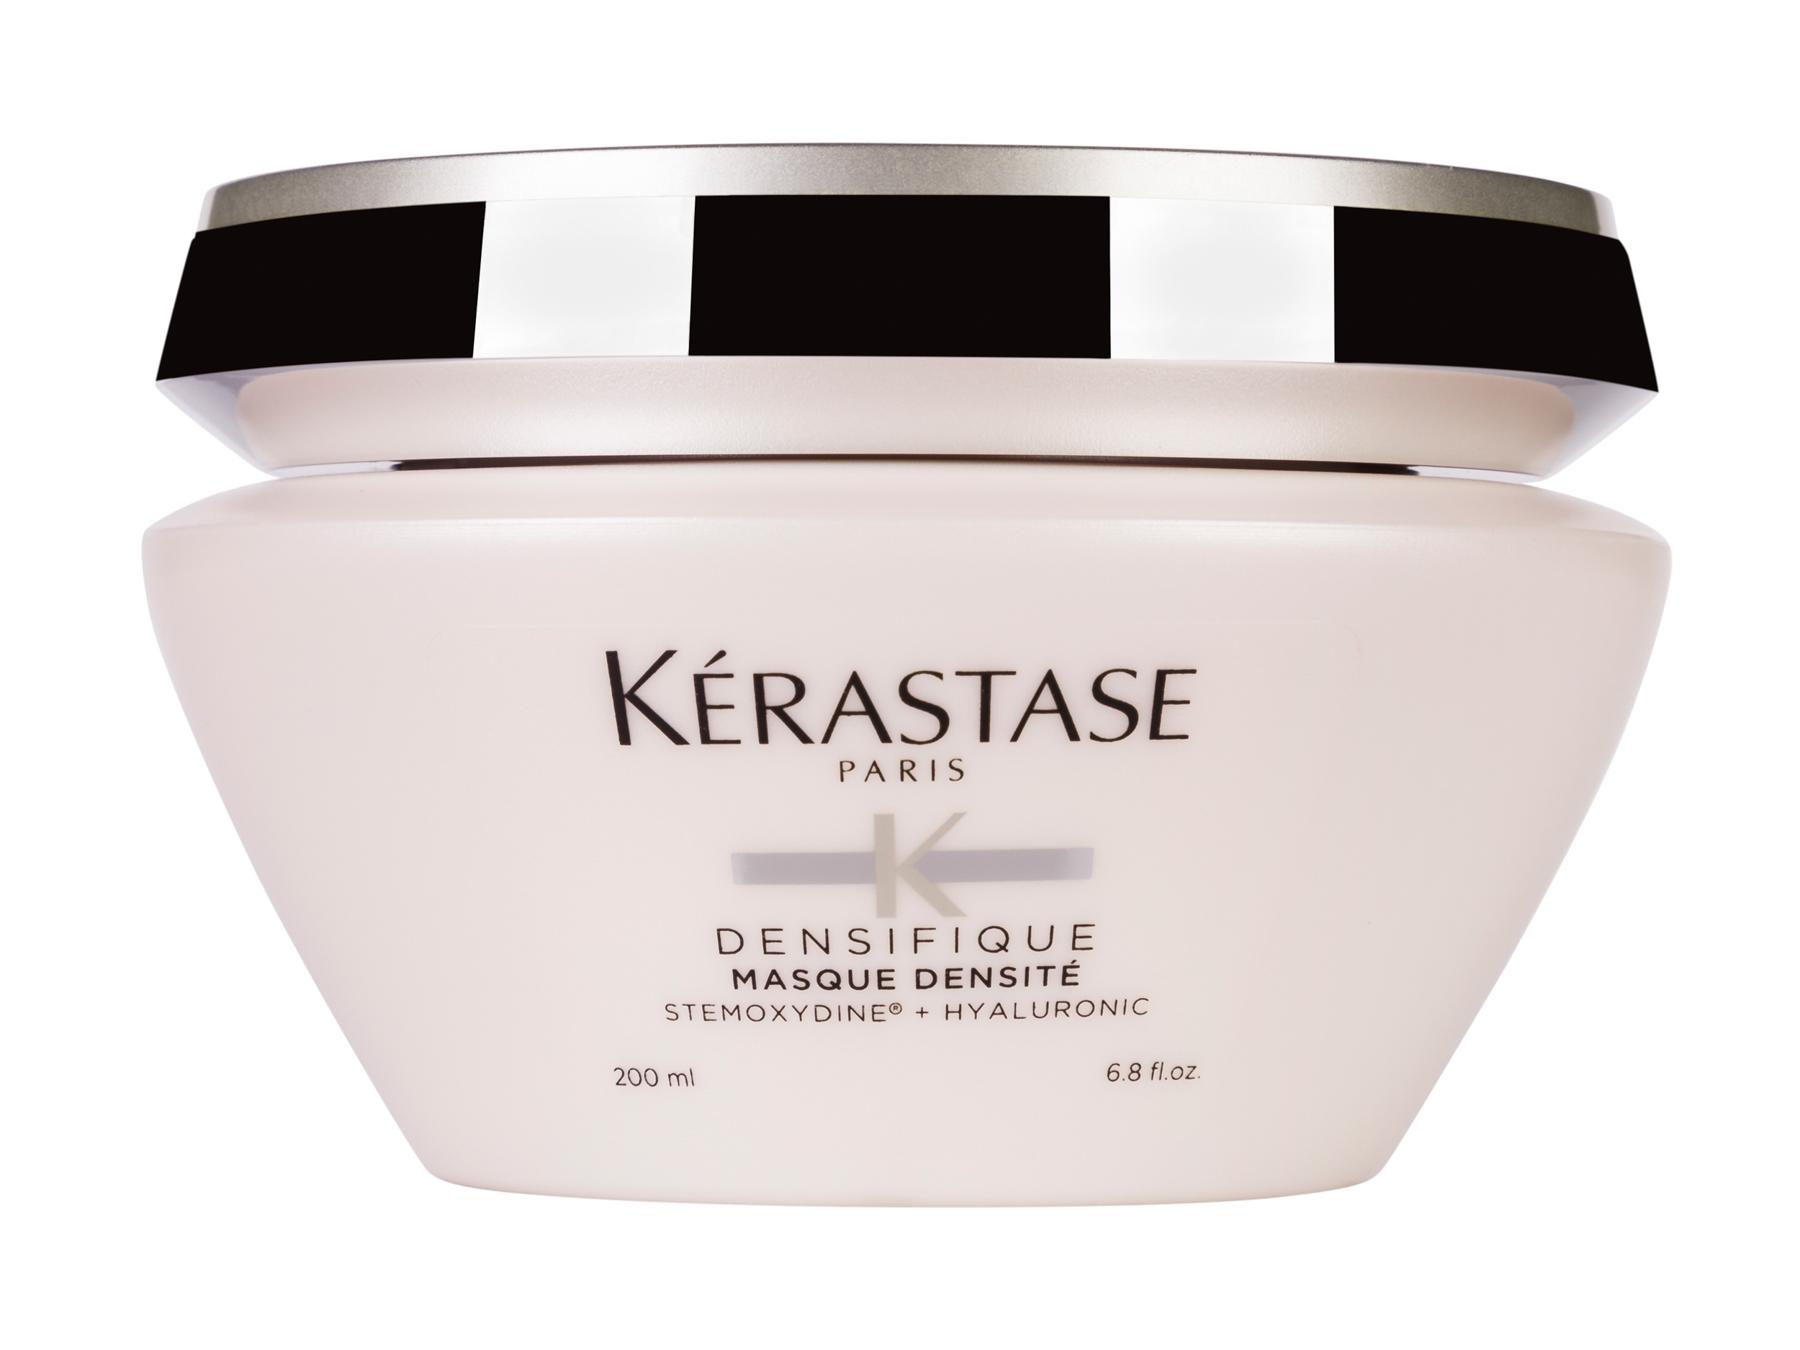 Zdjęcie produktowe kosmetyku.